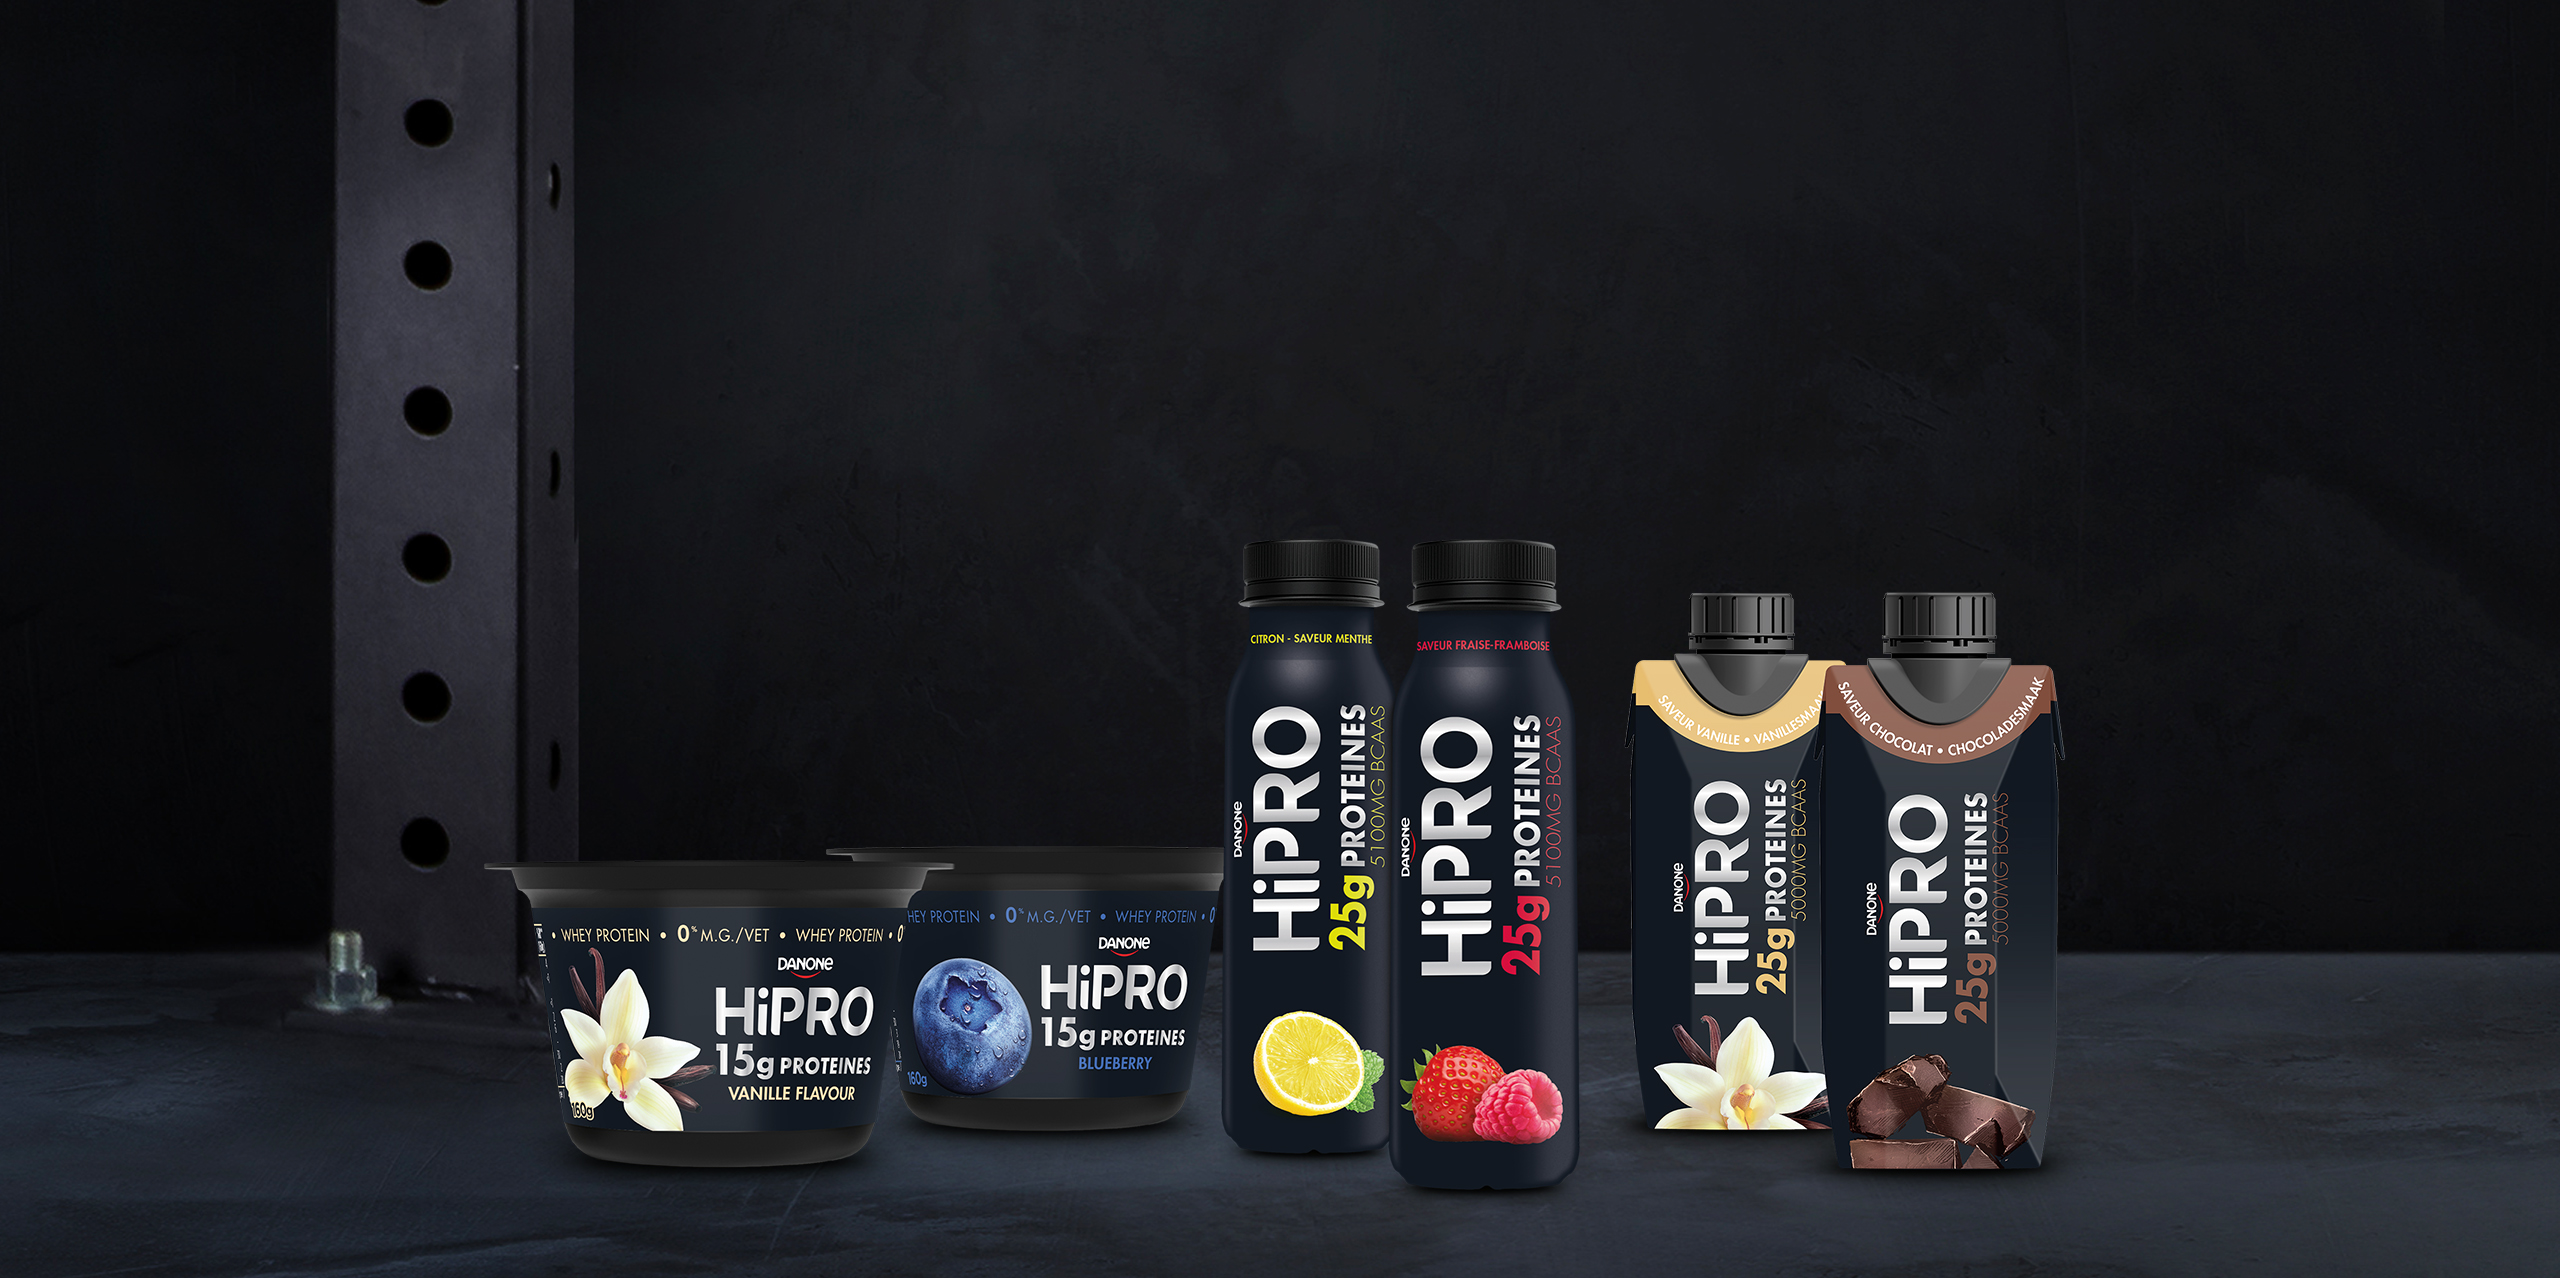 HiPRO producten | HiPRO - Danone